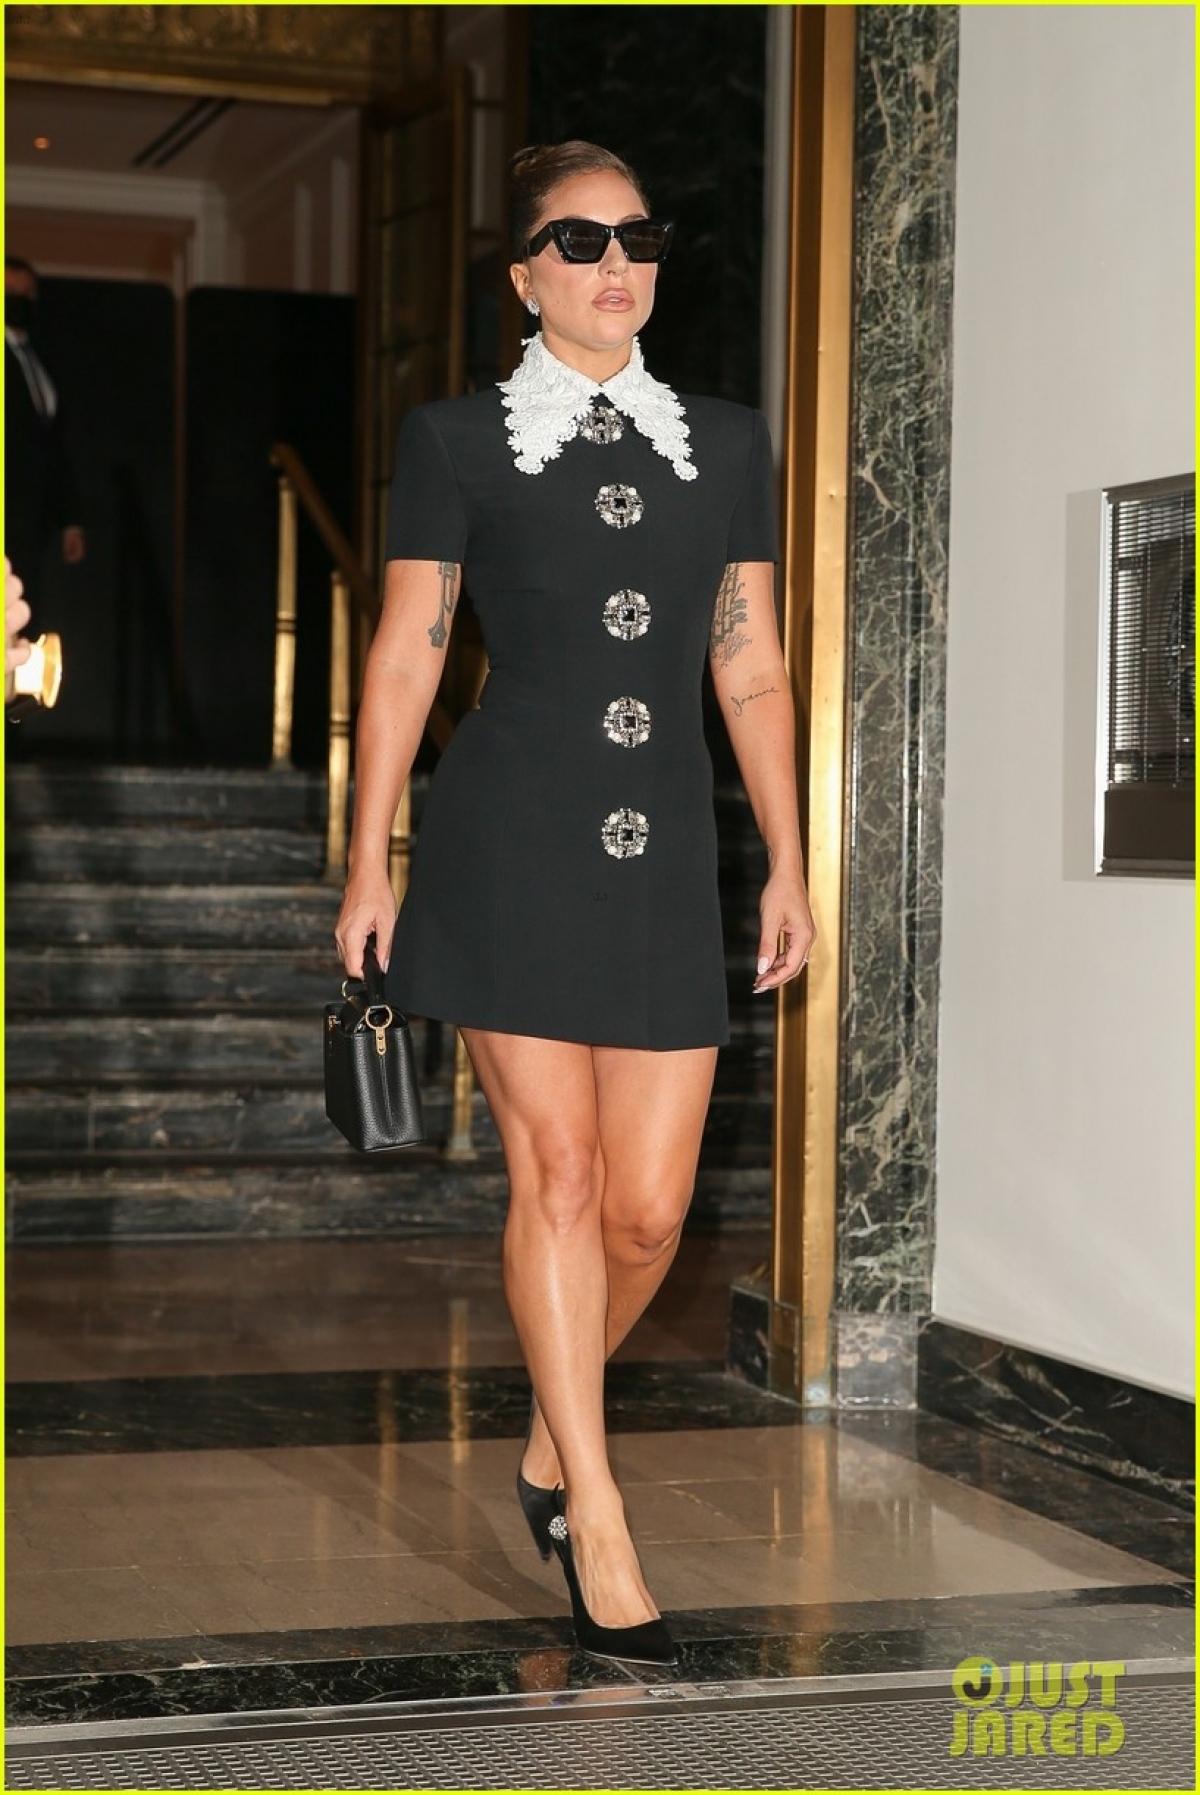 Lady Gaga được nhìn thấy rời khỏi khách sạn đến tham dự buổi diễn tập ở New York chiều cuối tuần.